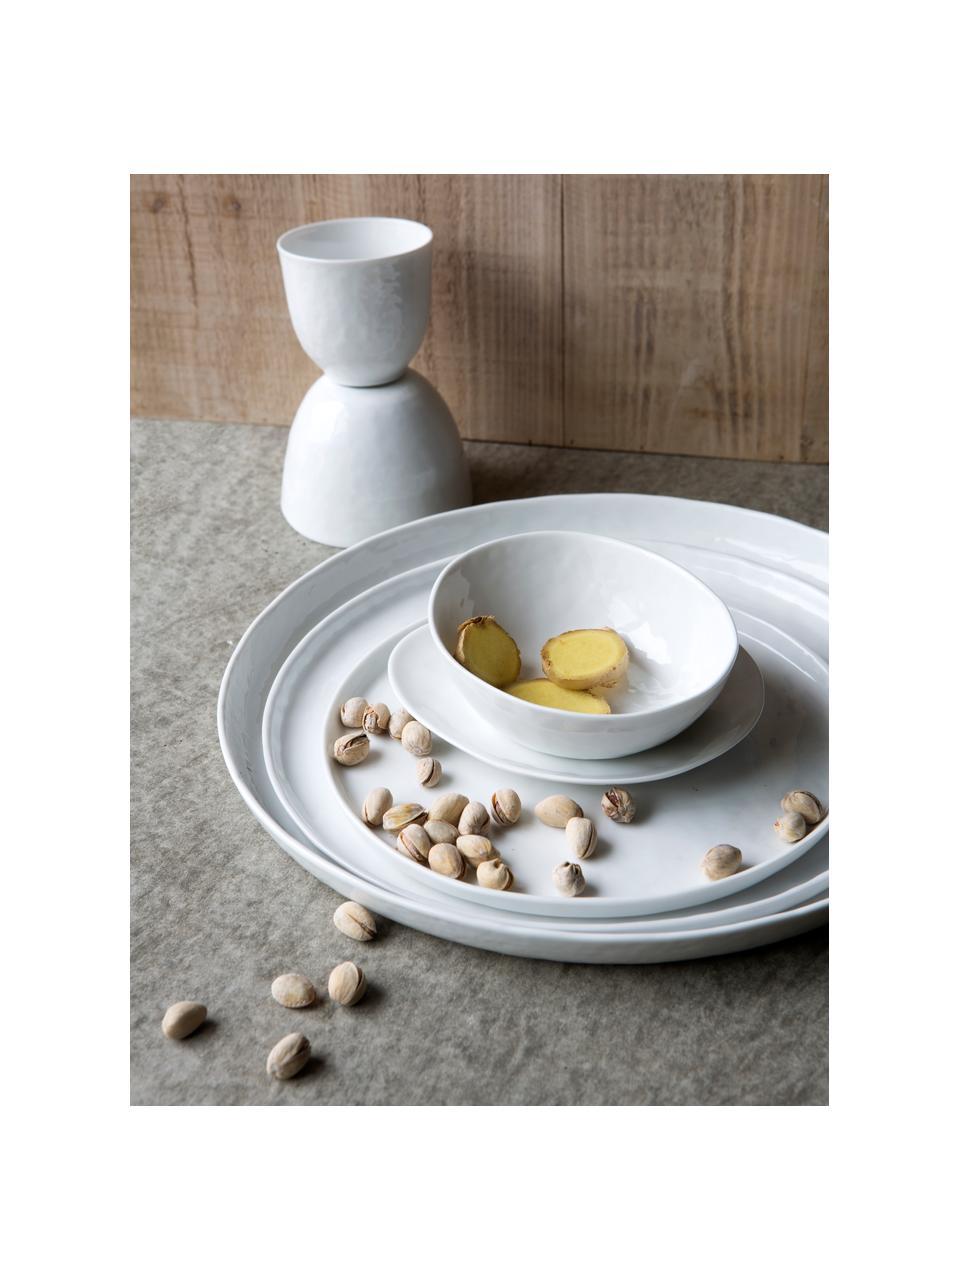 Talerz śniadaniowy Porcelino, 4 szt., Porcelana o celowo nierównym kształcie, Biały, Ø 22 cm